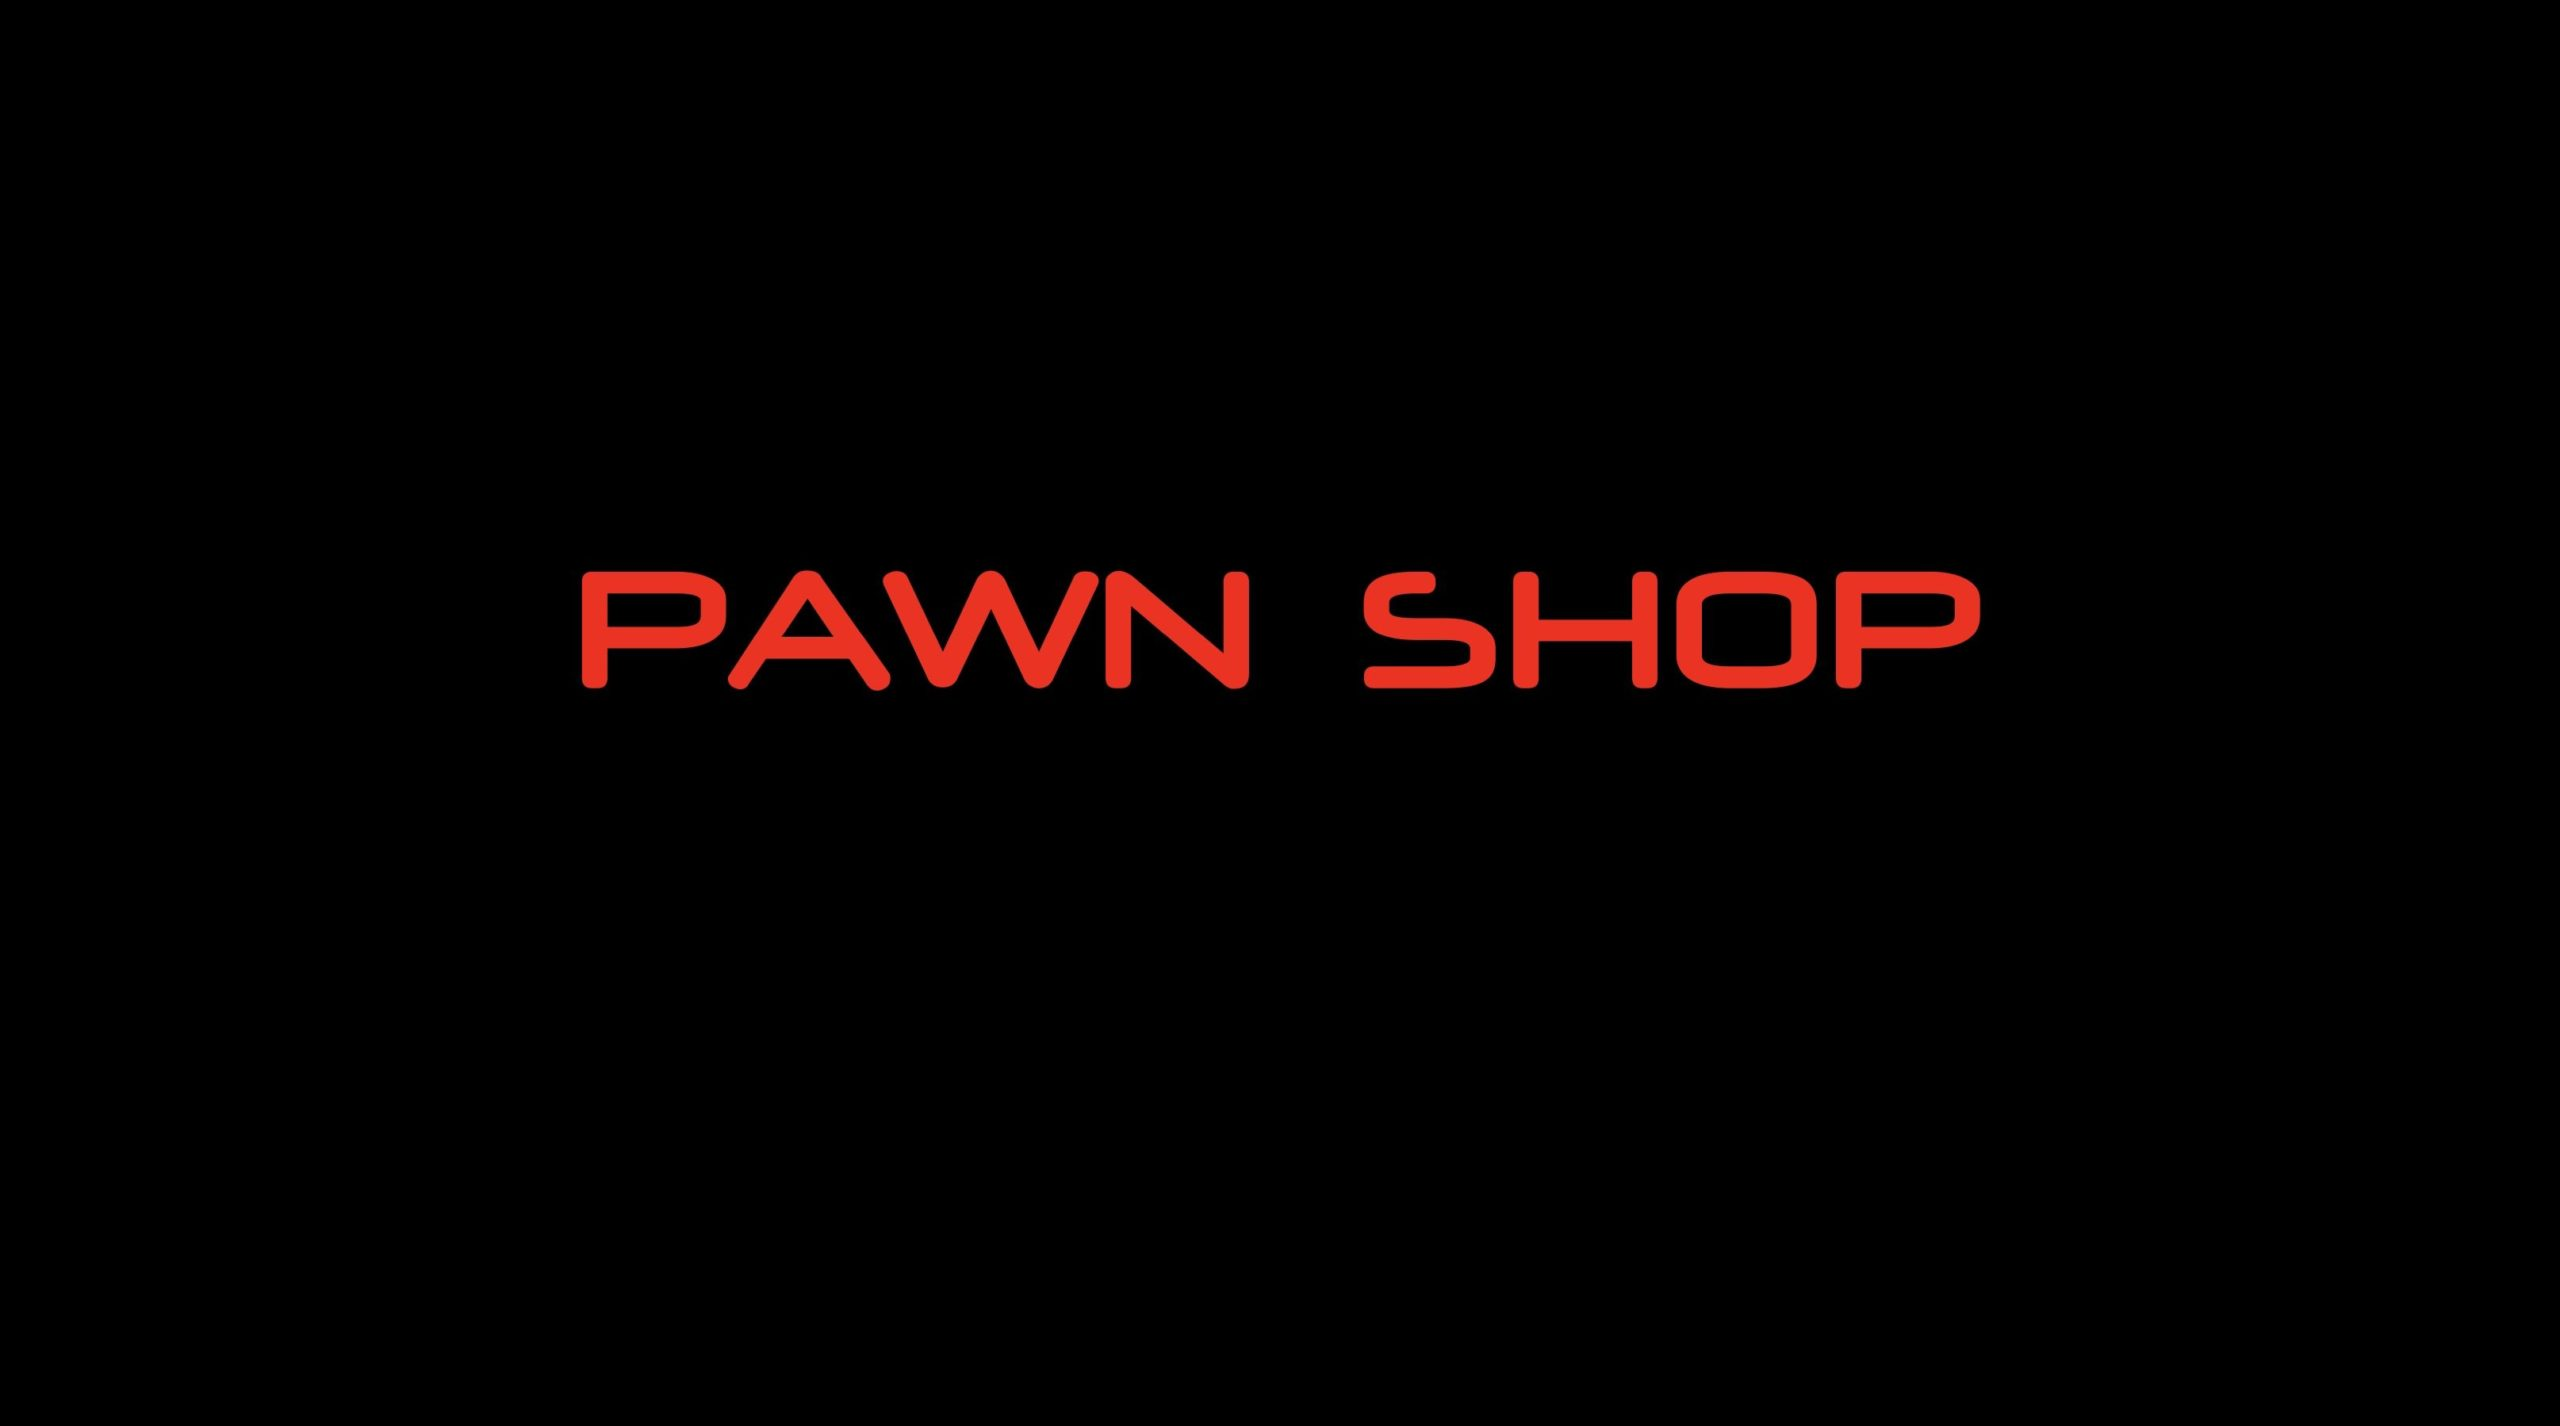 PAWN SHOP, la casa de empeños de lujo nº1 en Madrid lanza su franquicia a nivel nacional